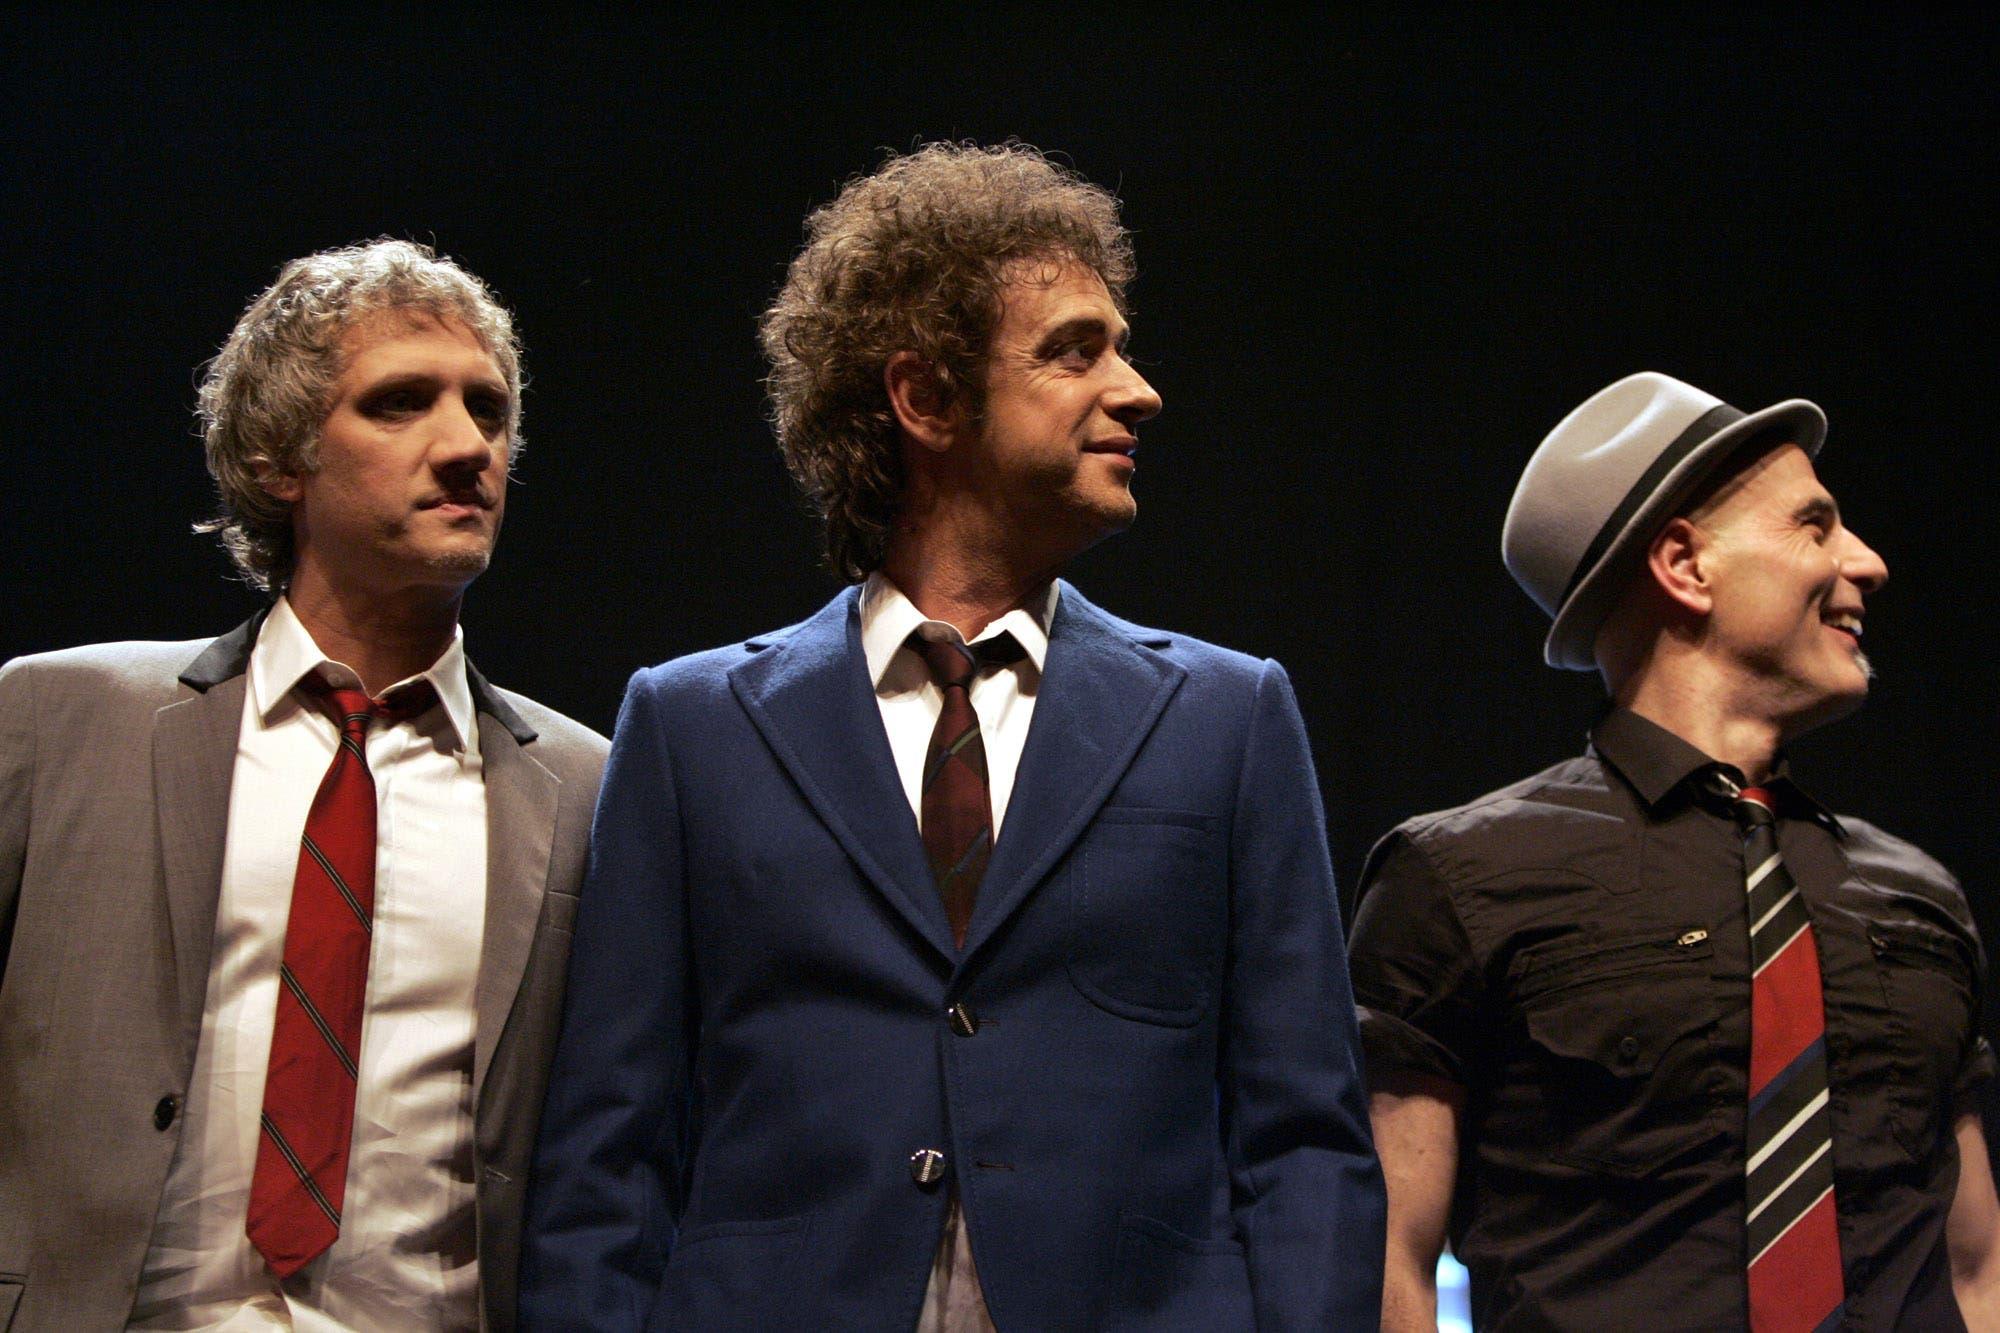 Mañana se ponen a la venta las entradas del segundo show de Gracias Totales-Soda Stereo